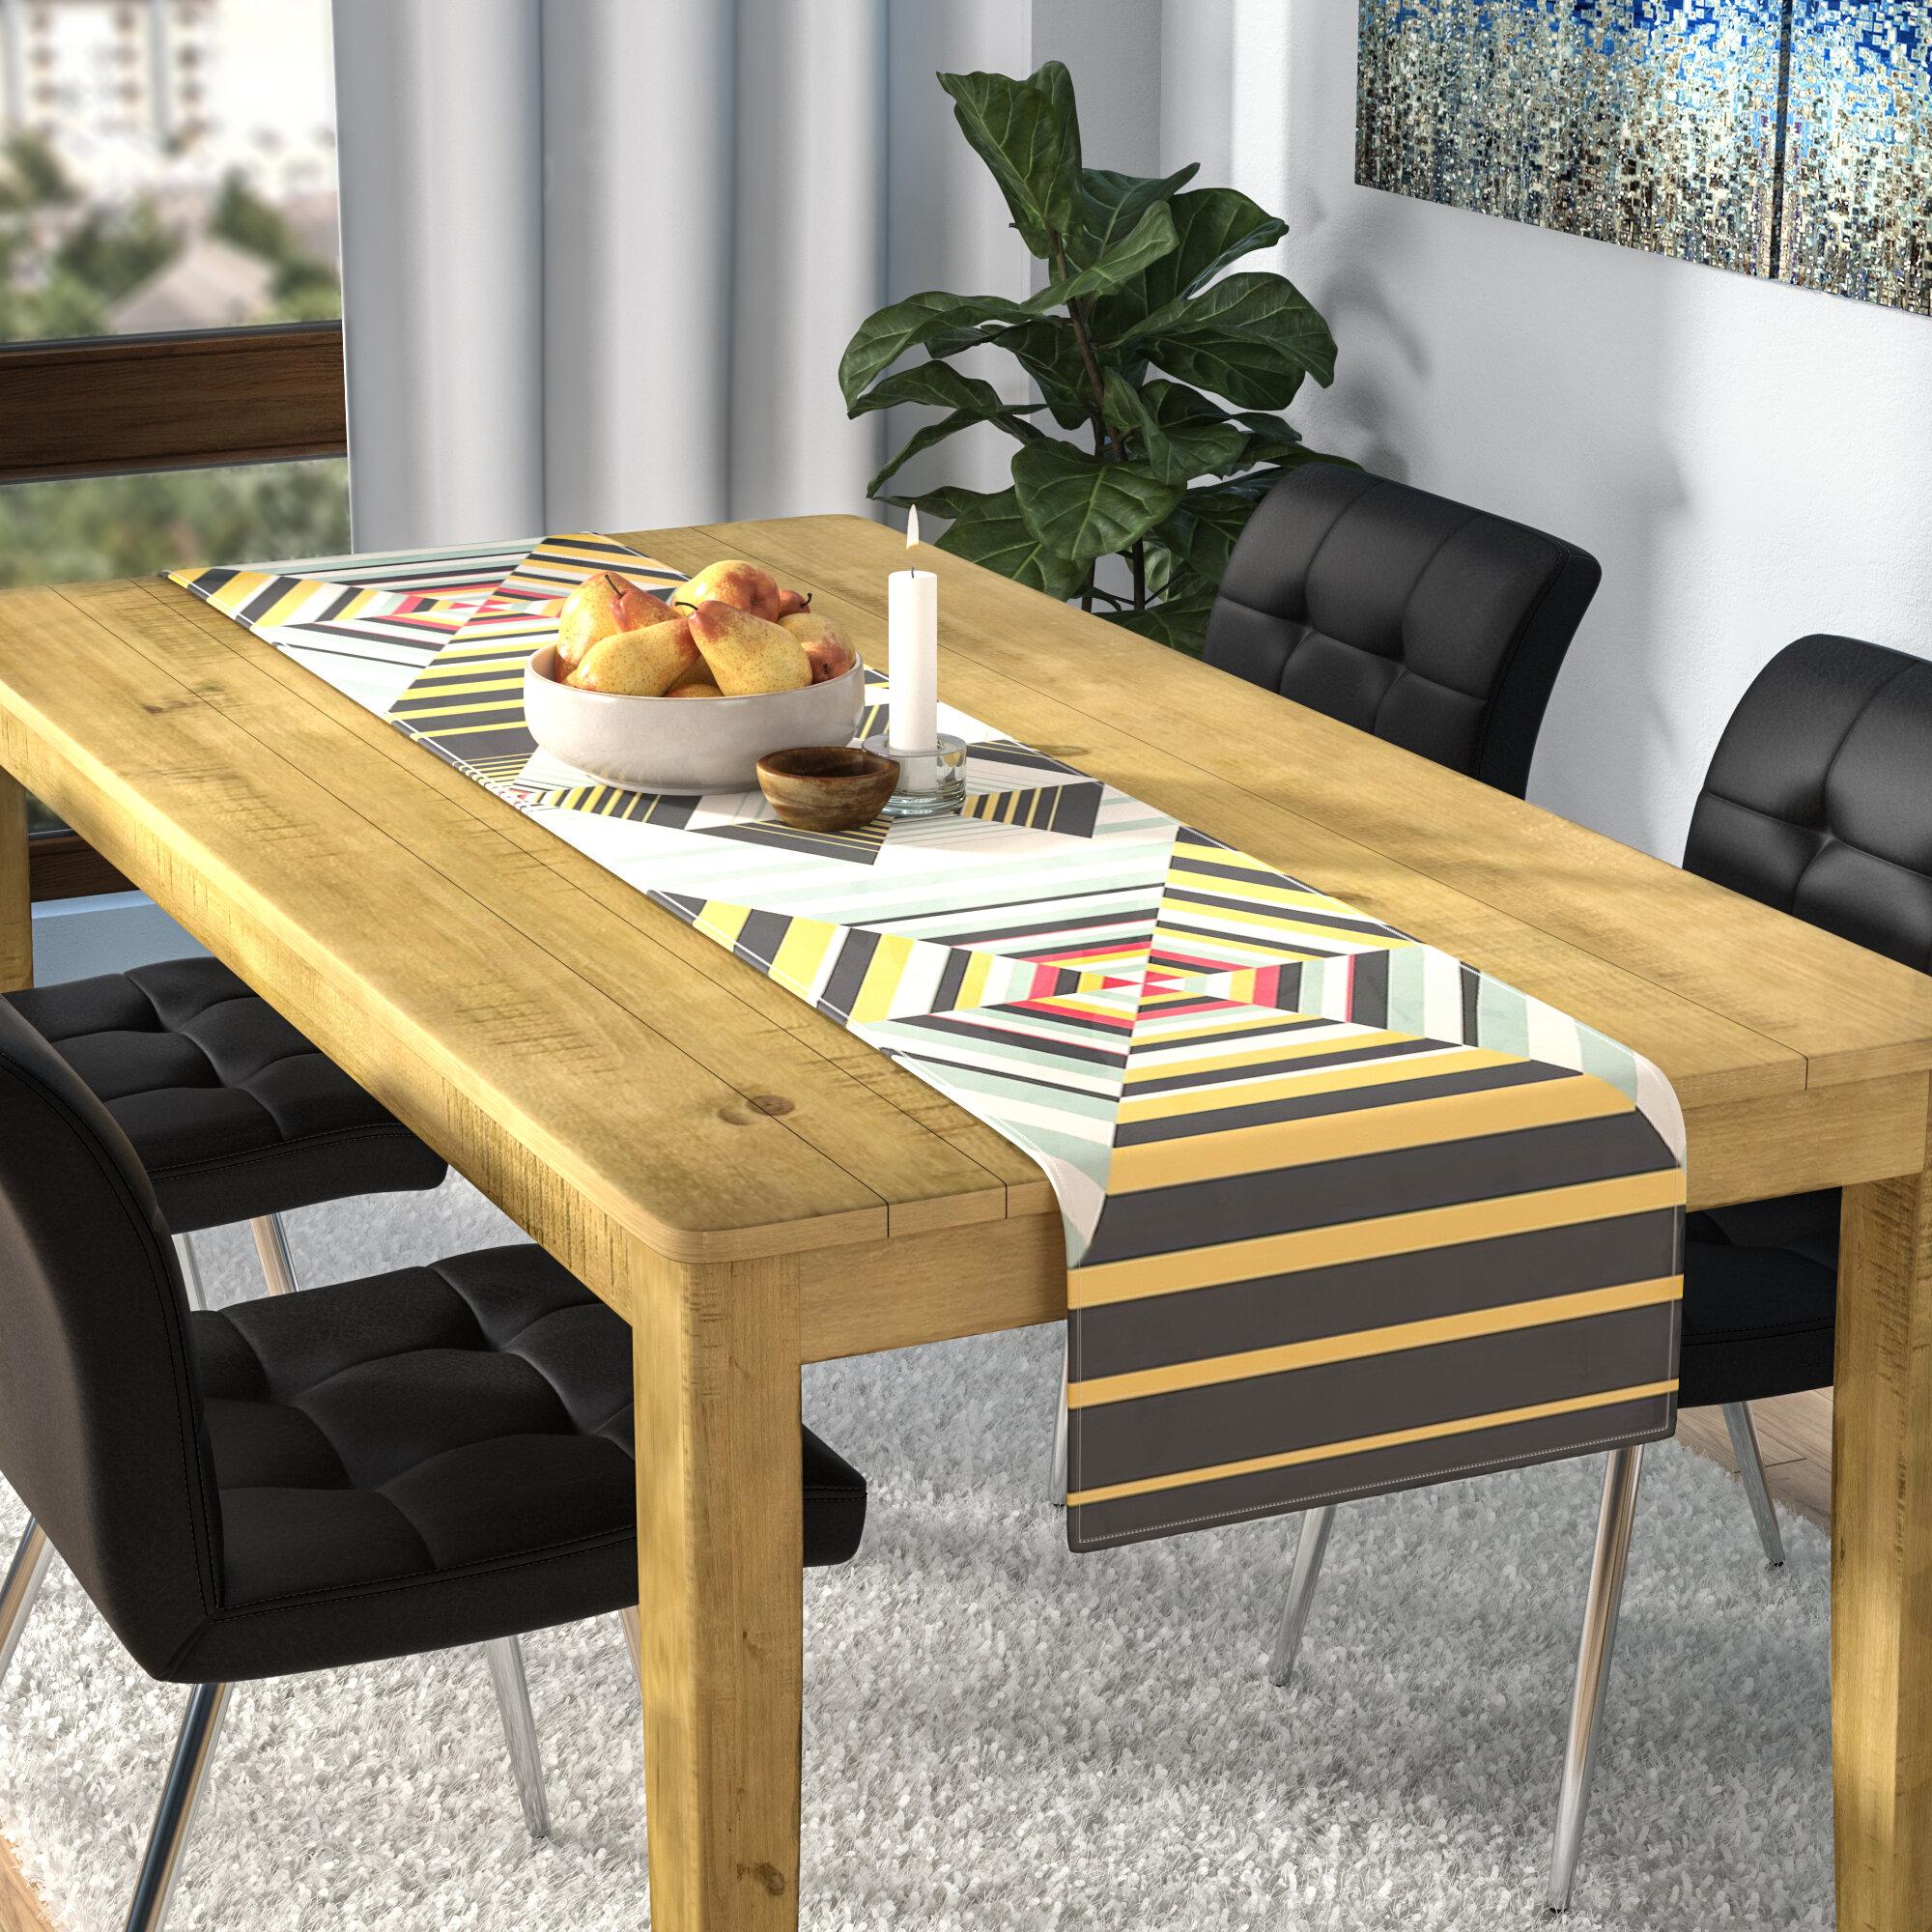 East urban home danny ivan la plus table runner reviews wayfair